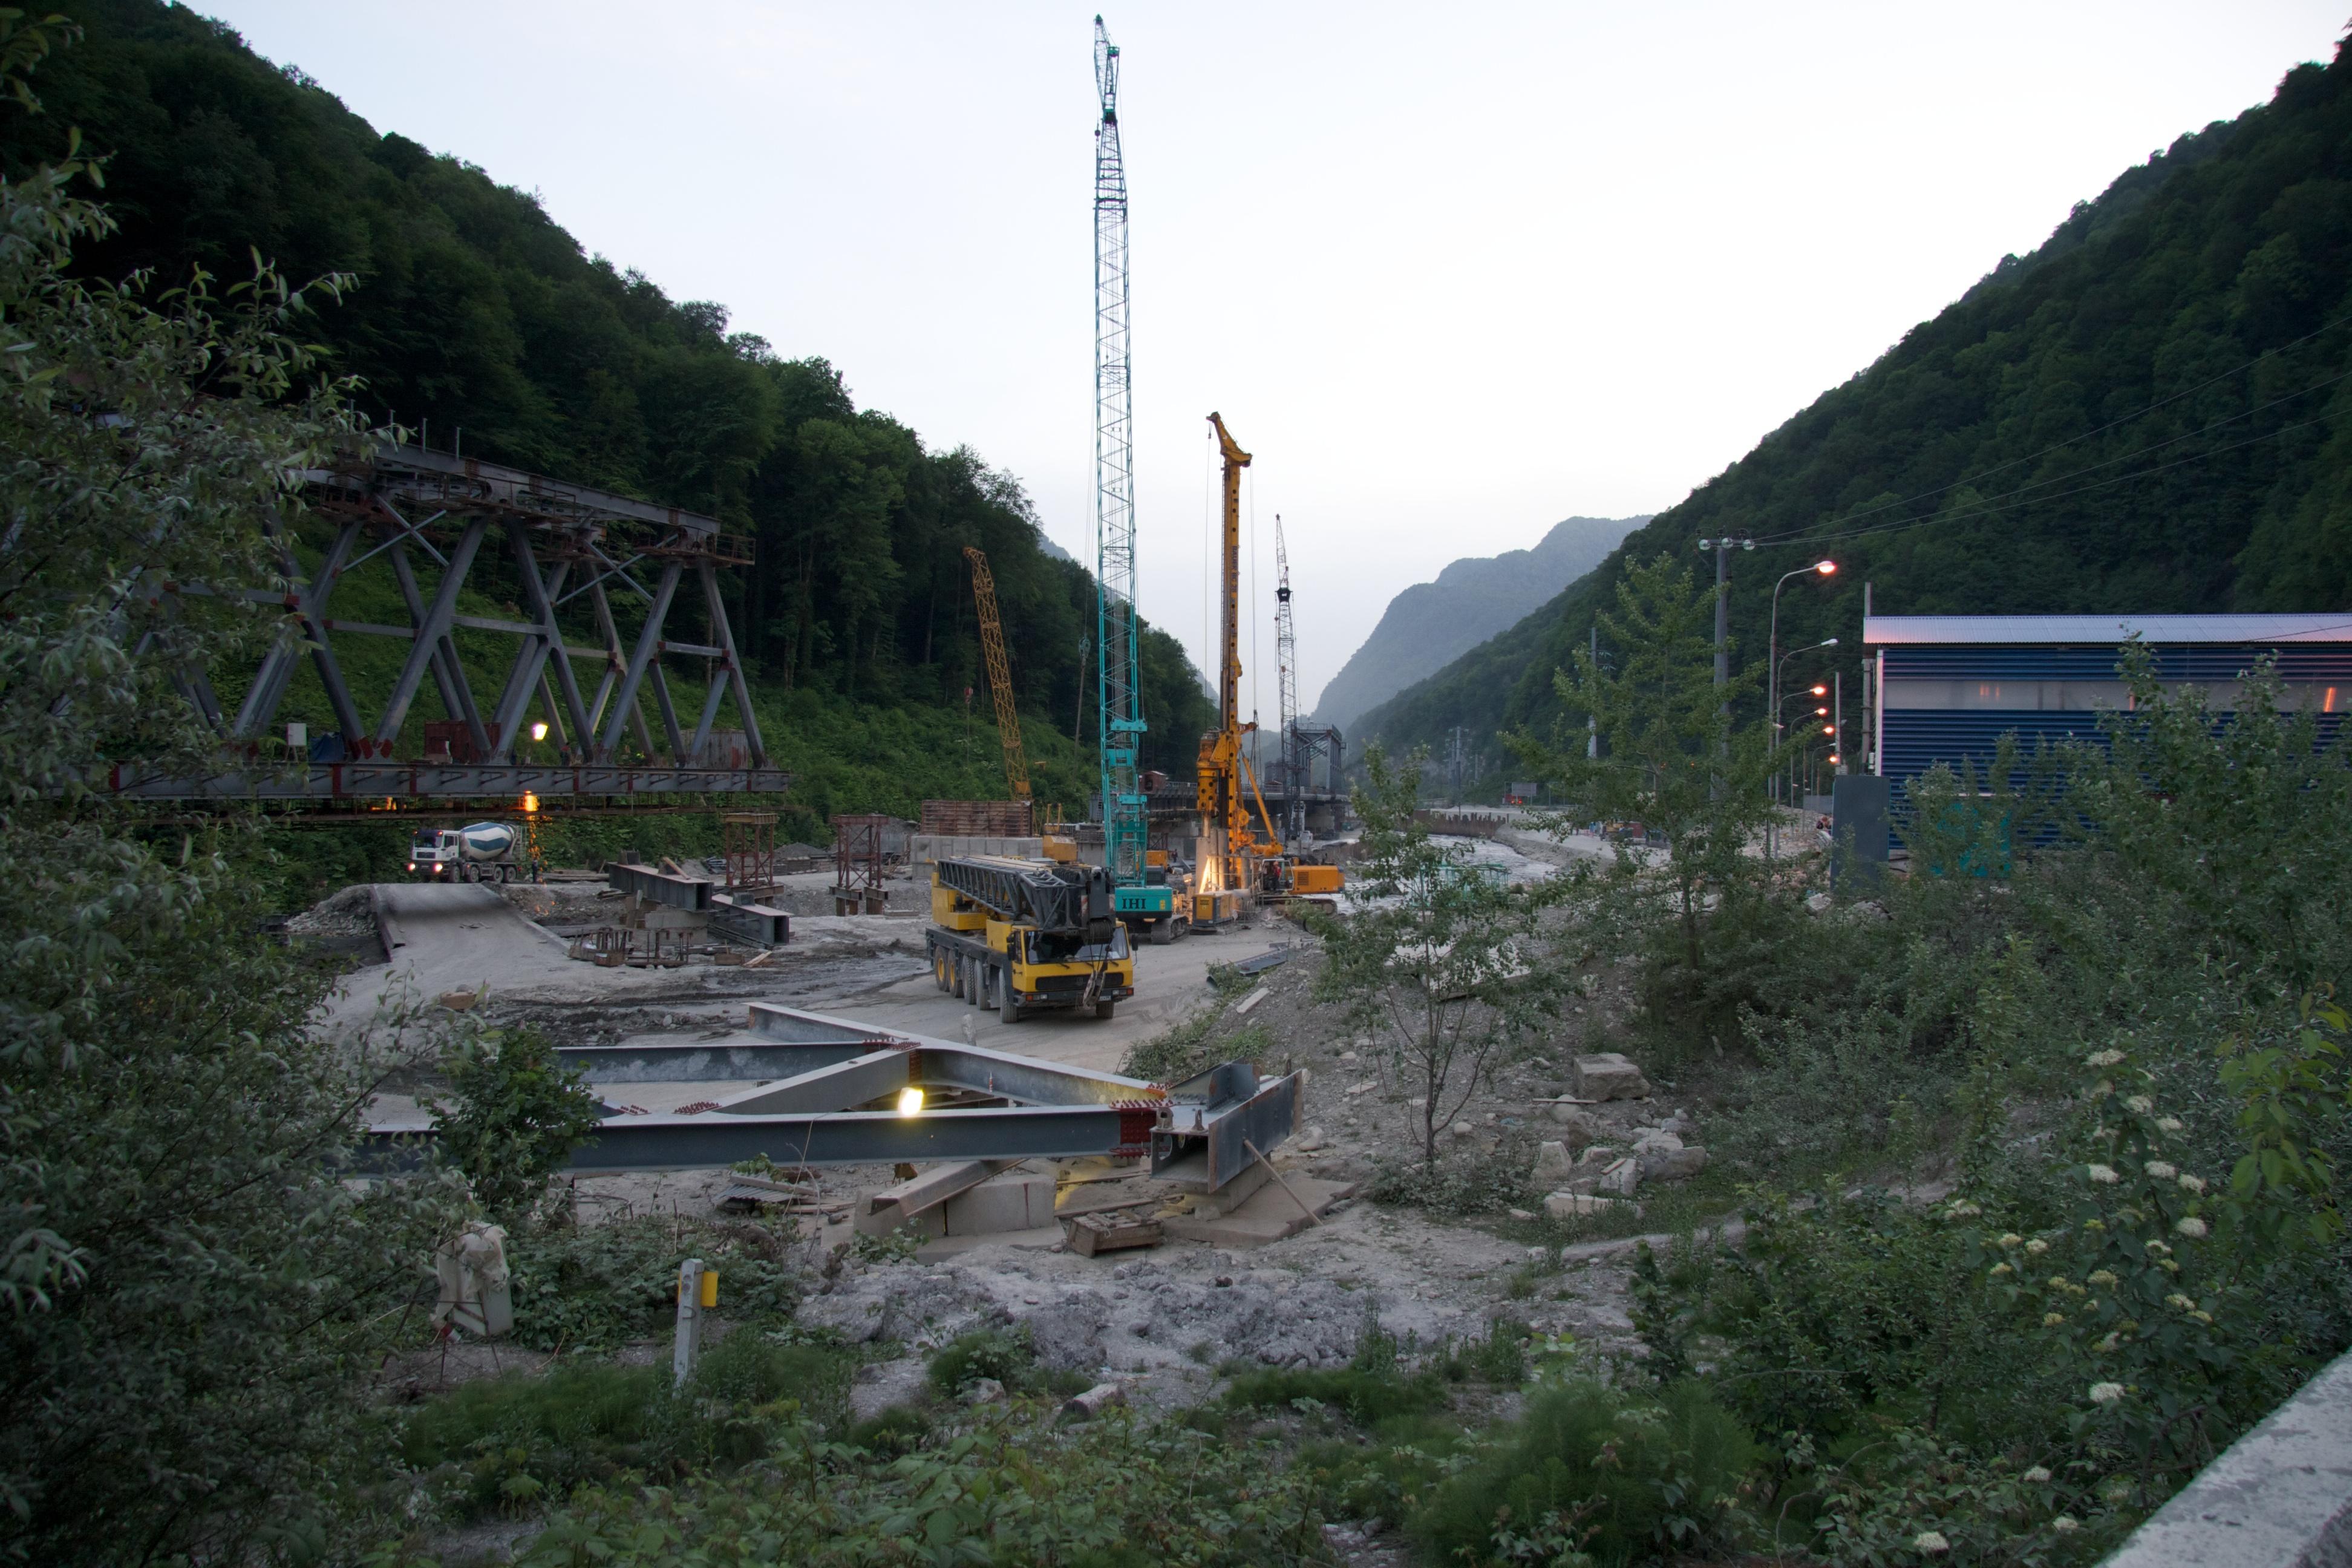 РЖД строит дороги в ущелье